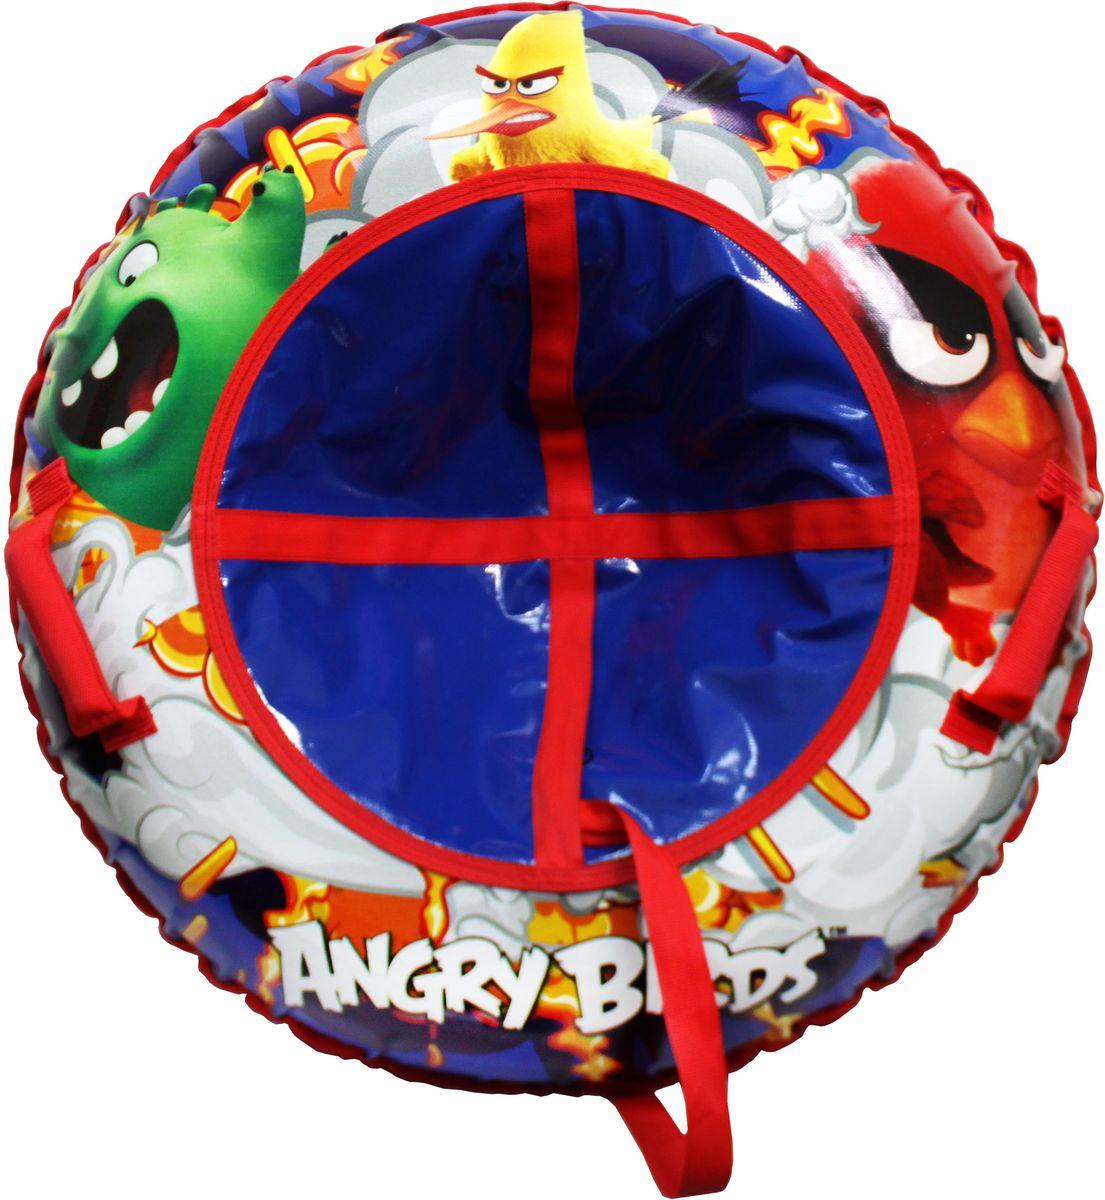 Тюбинг 1TOY Angry Birds, цвет: красный, диаметр 100 смТ59053Тюбинг - надувные сани, резиновая автокамера, материал глянцевый ПВХ, буксировочный трос. Надувные сани в последнее время стали очень популярным развлечением зимой. Специальные материалы и уникальная конструкция днища превосходно скользят, даже если снега совсем немного. Высокая прочность позволит весело проводить время детям и взрослым, не заботясь о поломках. Модель очень вместительная, возможность соскальзывания практически исключена.Зимние игры на свежем воздухе. Статья OZON Гид